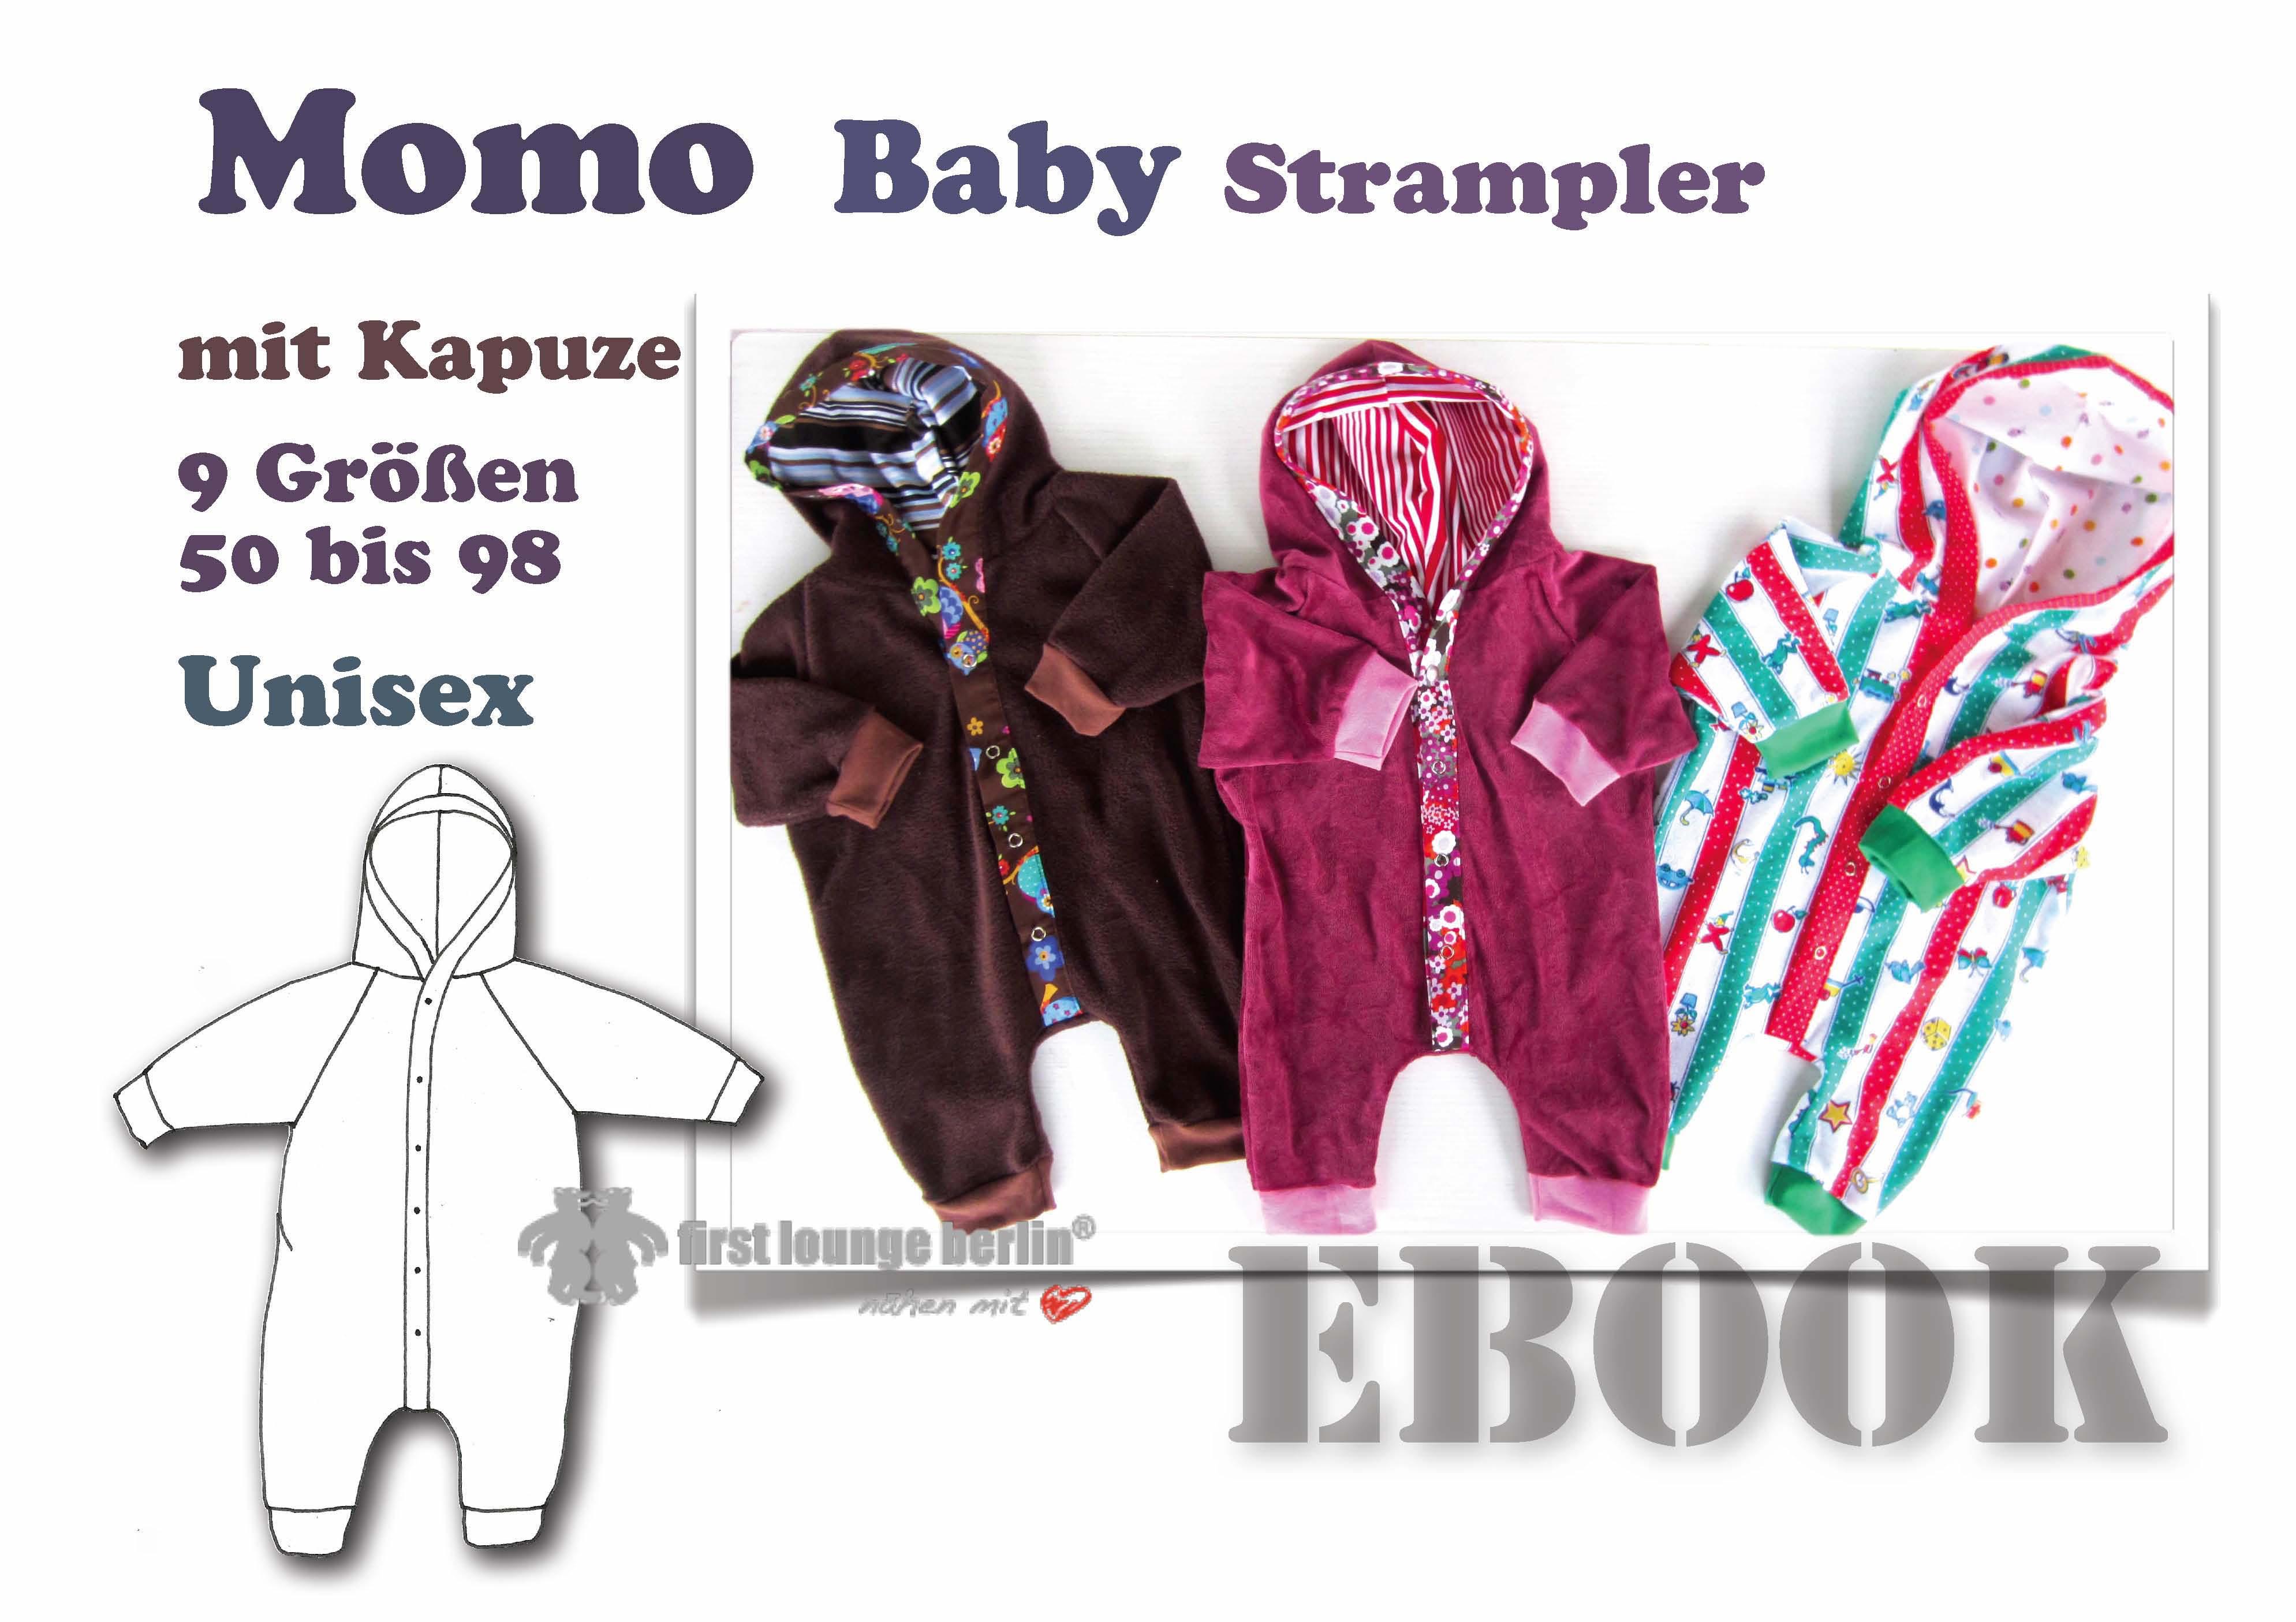 Momo Nähanleitung mit Schnittmuster für Baby Strampelanzug mit Kapuze in 9 Größen 50-98 [Download]